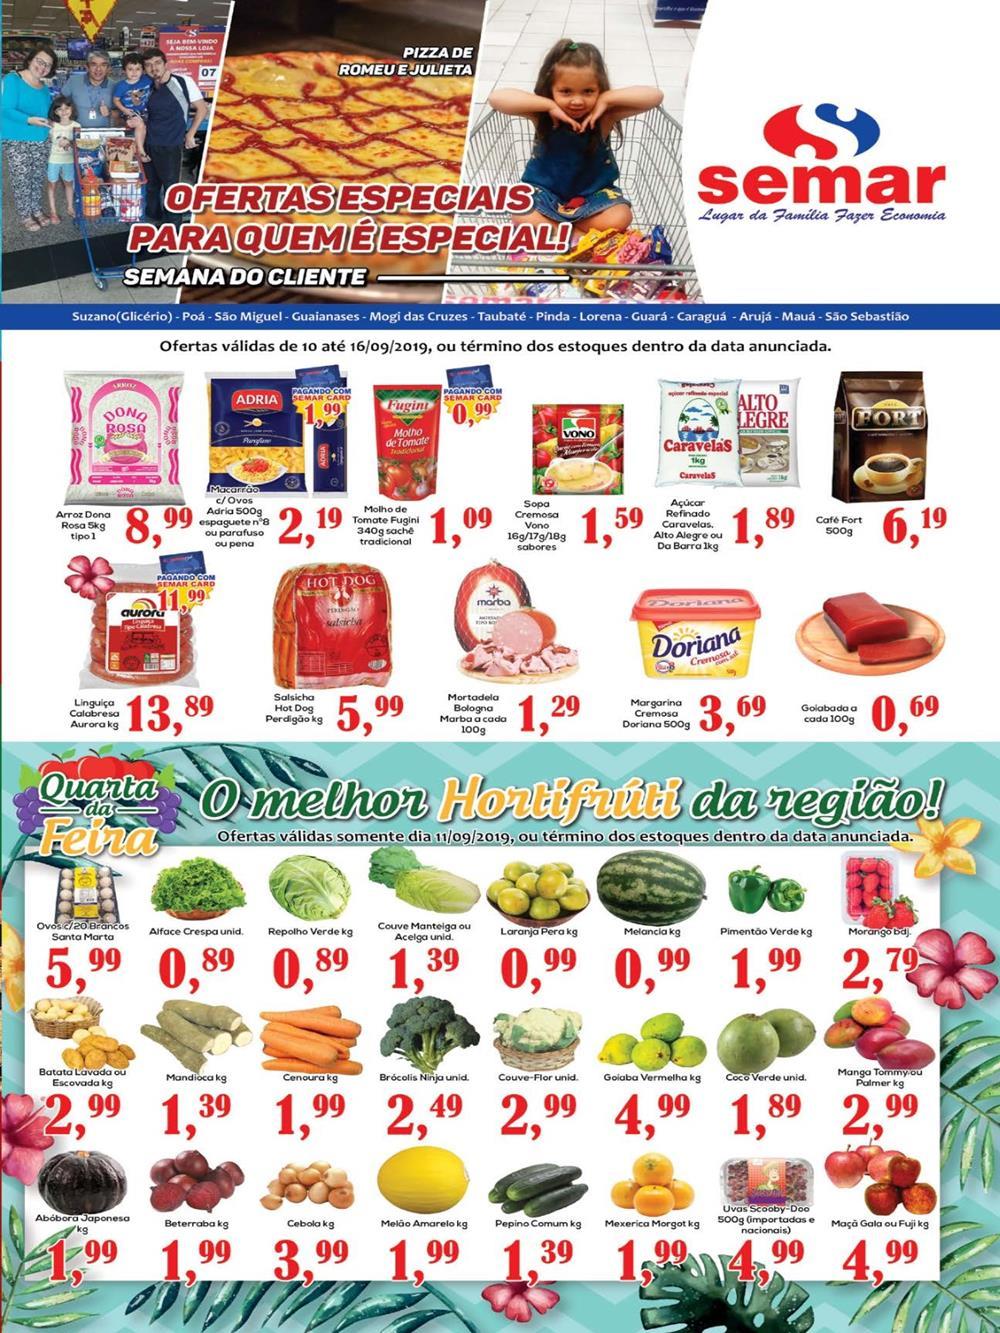 Ofertas-semar1 Supermercados